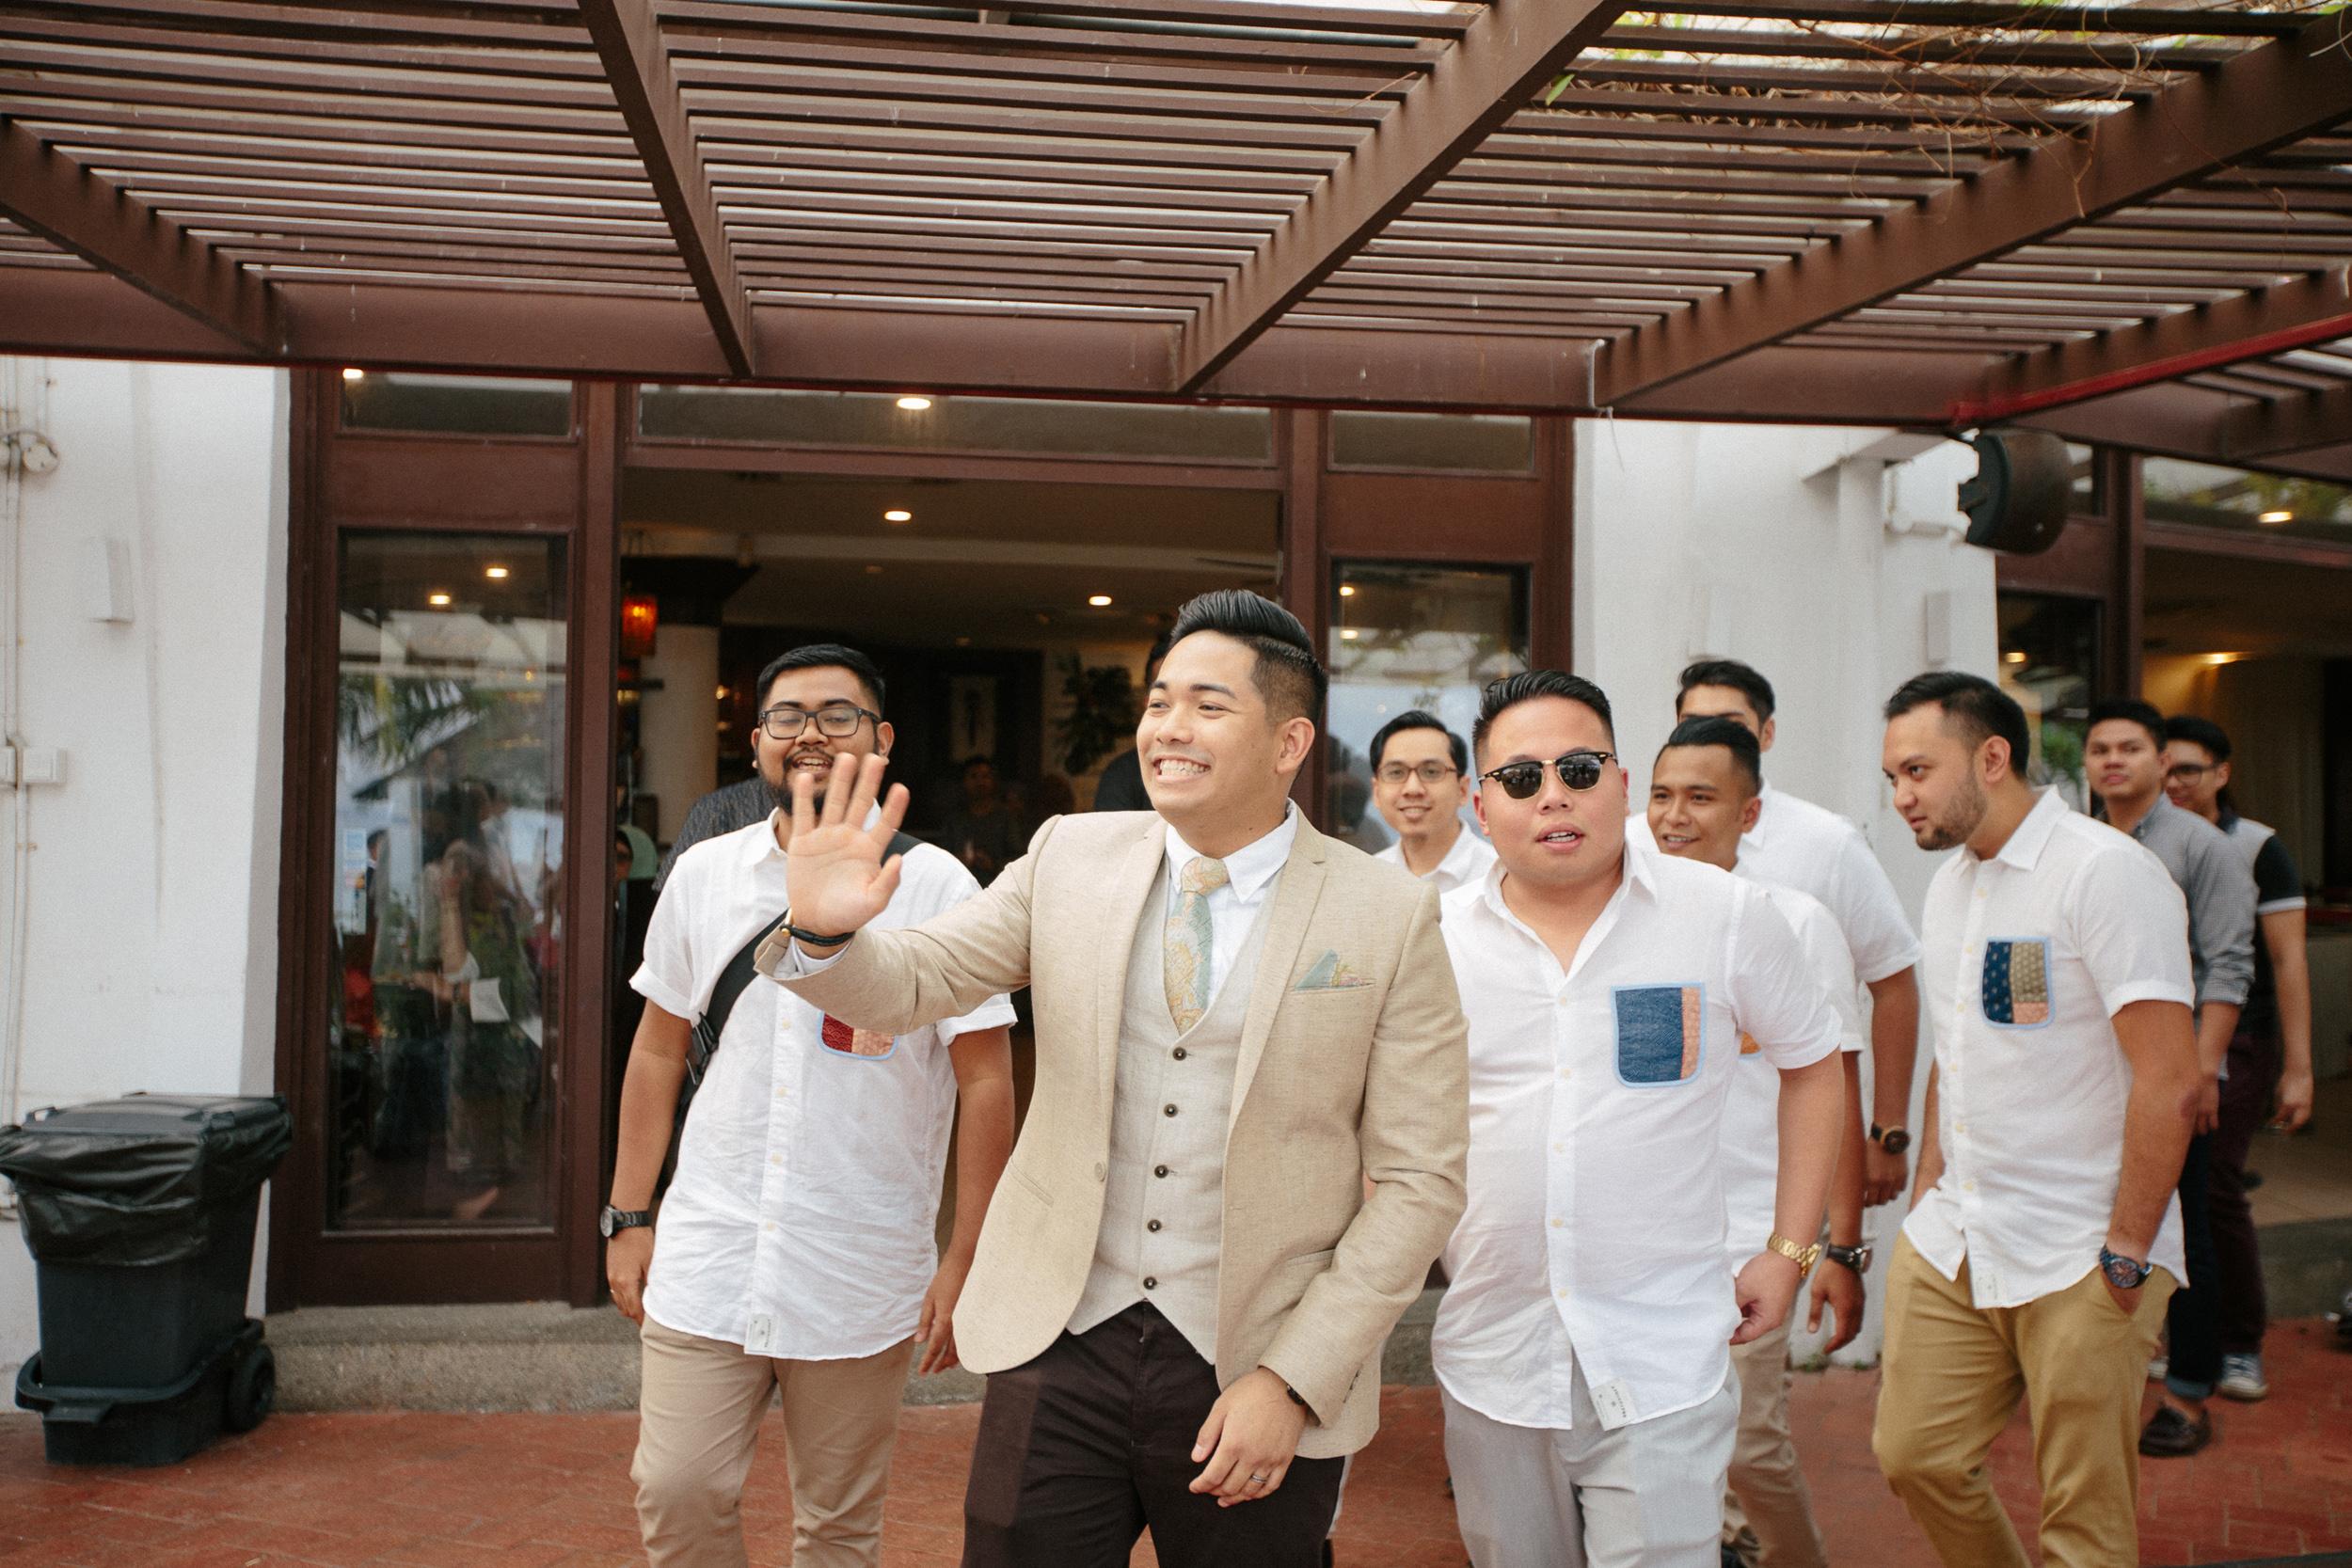 singapore-wedding-photographer-wemadethese-55.jpg